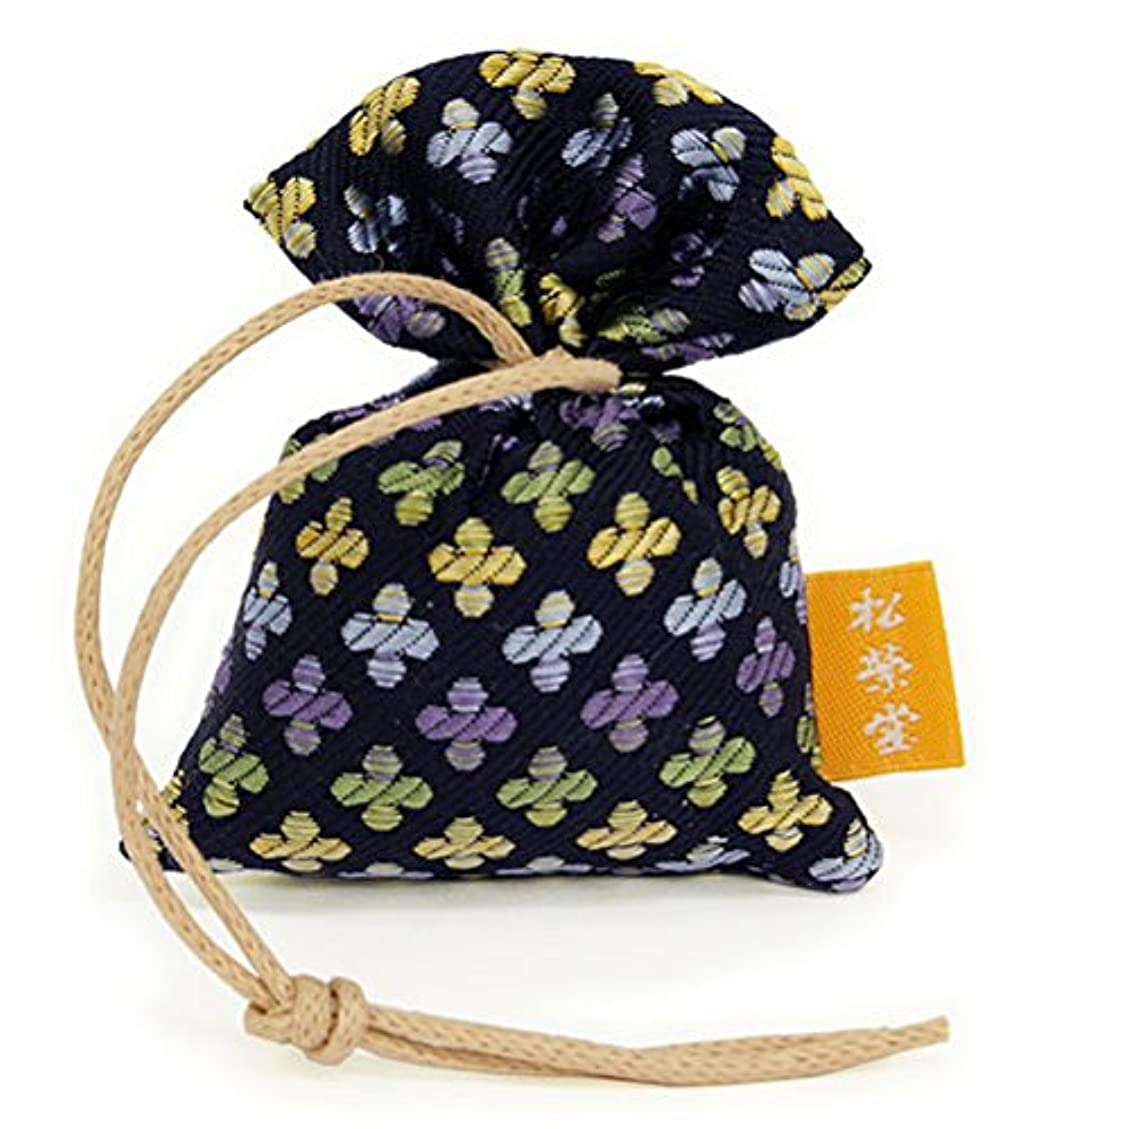 オペレーター一族ほこりっぽい匂い袋 誰が袖 薫 かおる 1個入 松栄堂 Shoyeido 本体長さ60mm (色?柄は選べません)